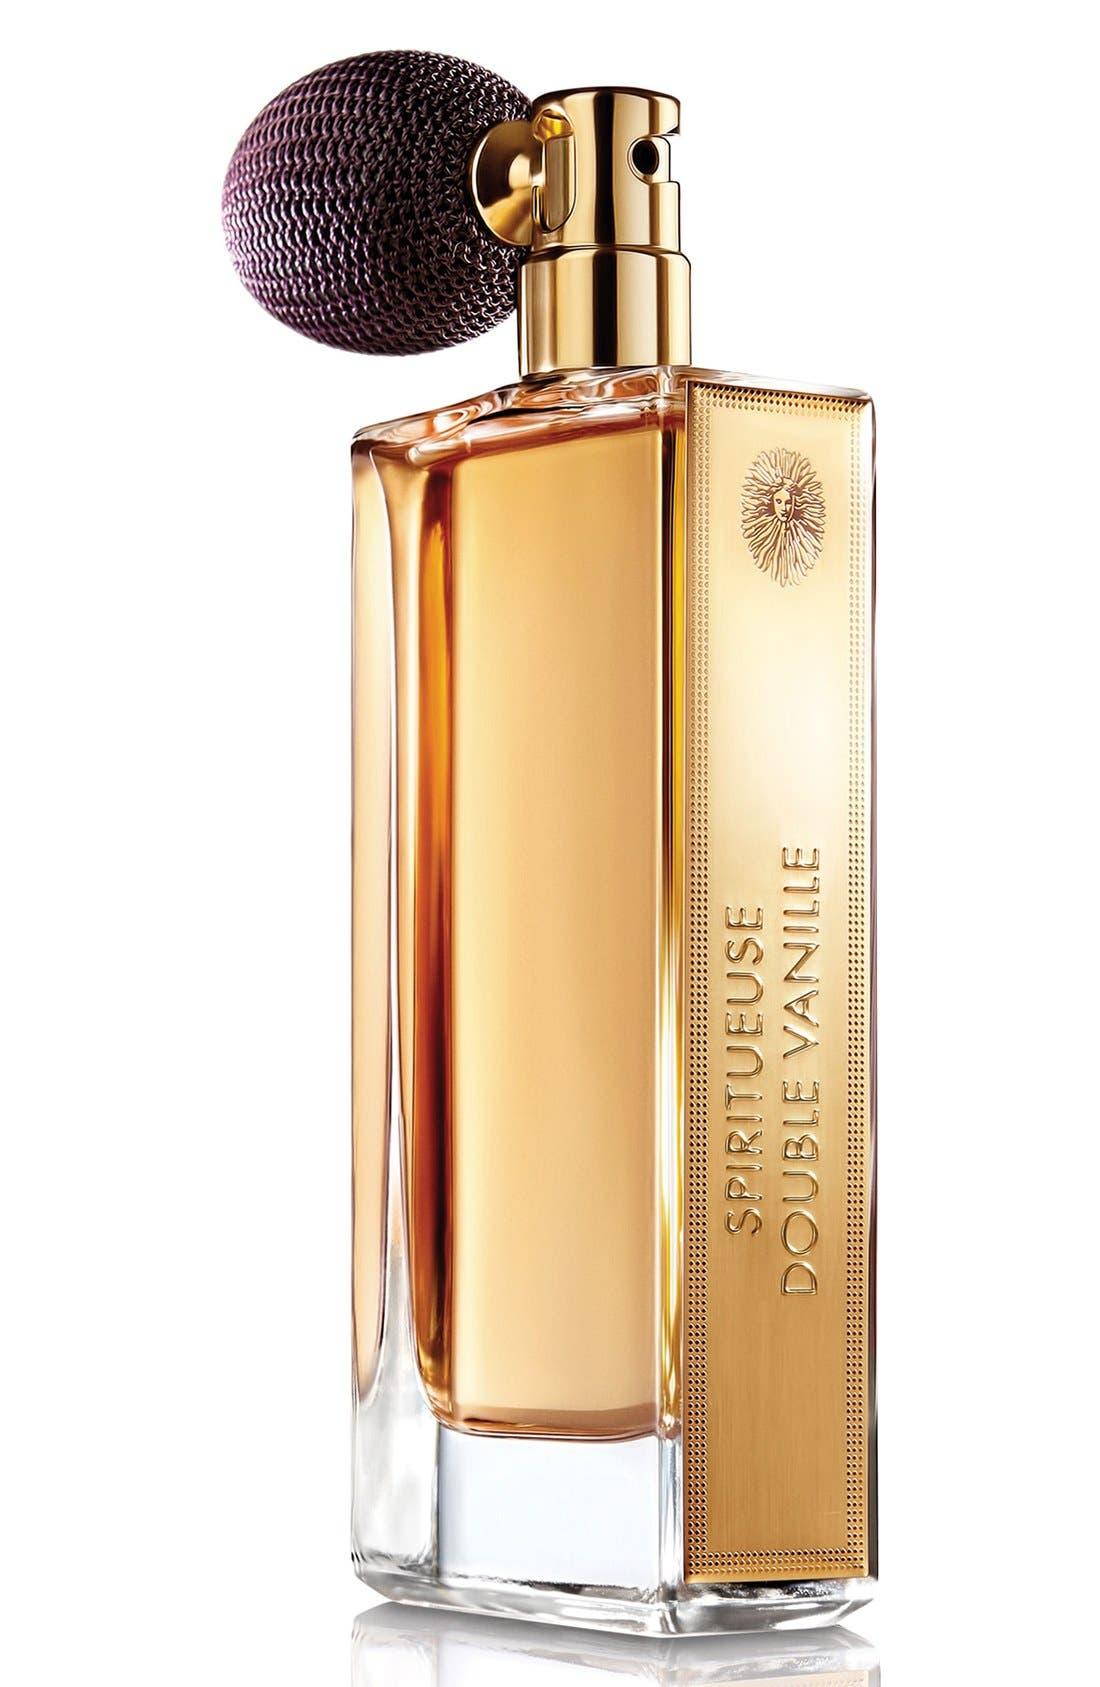 Guerlain L'Art et la Matiere Spiritueuse Double Vanille Eau de Parfum